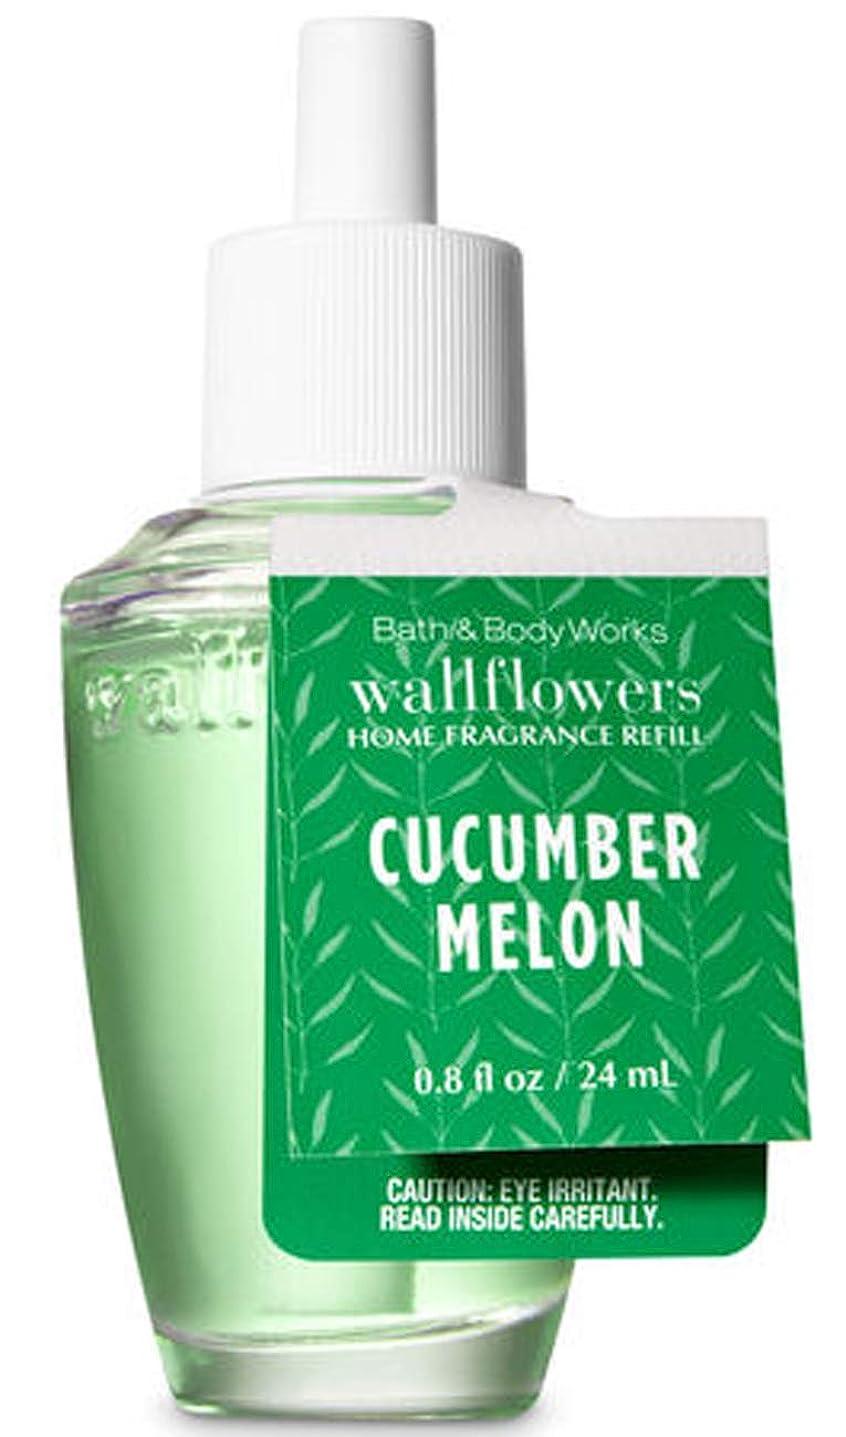 天の困惑した反対にバス&ボディワークス キューカンバーメロン ルームフレグランス リフィル 芳香剤 24ml (本体別売り) Bath & Body Works